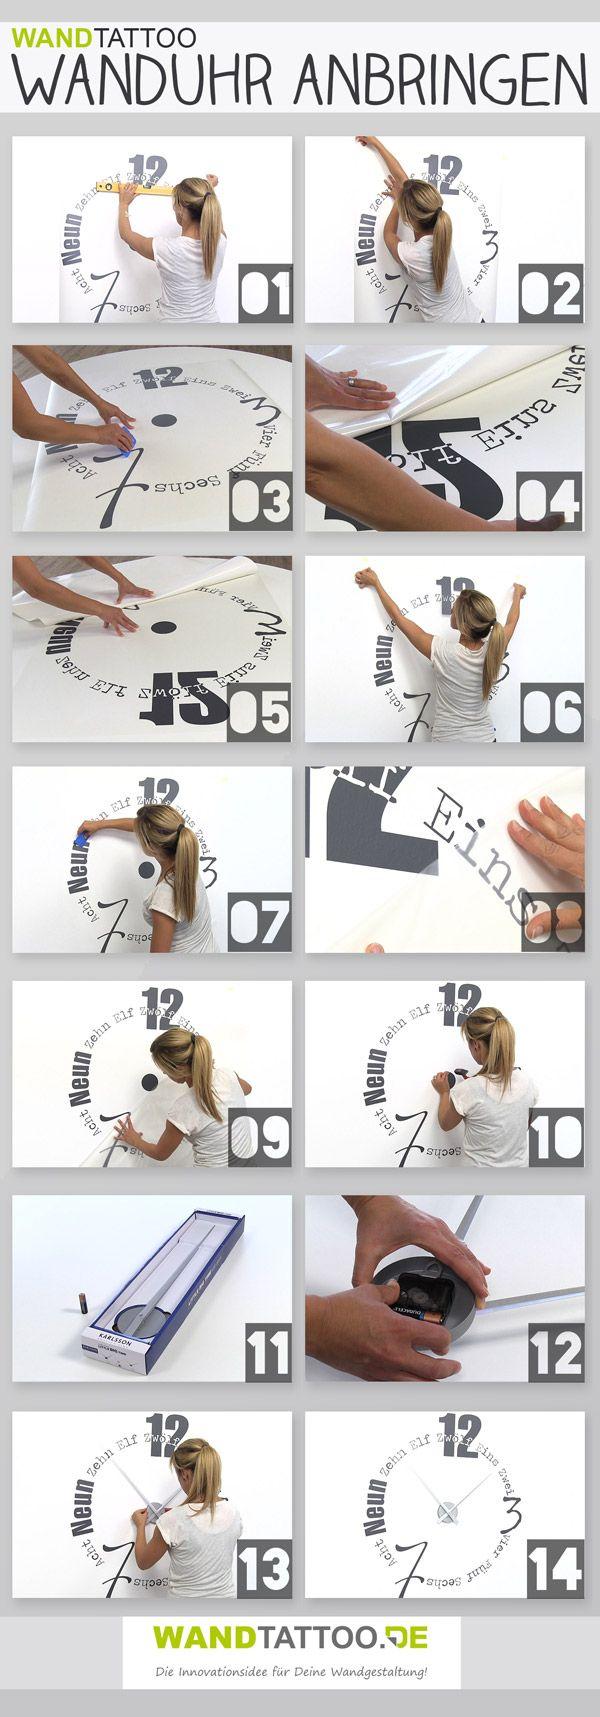 Uhr anbringen Anleitung für Wandtattoo Uhren